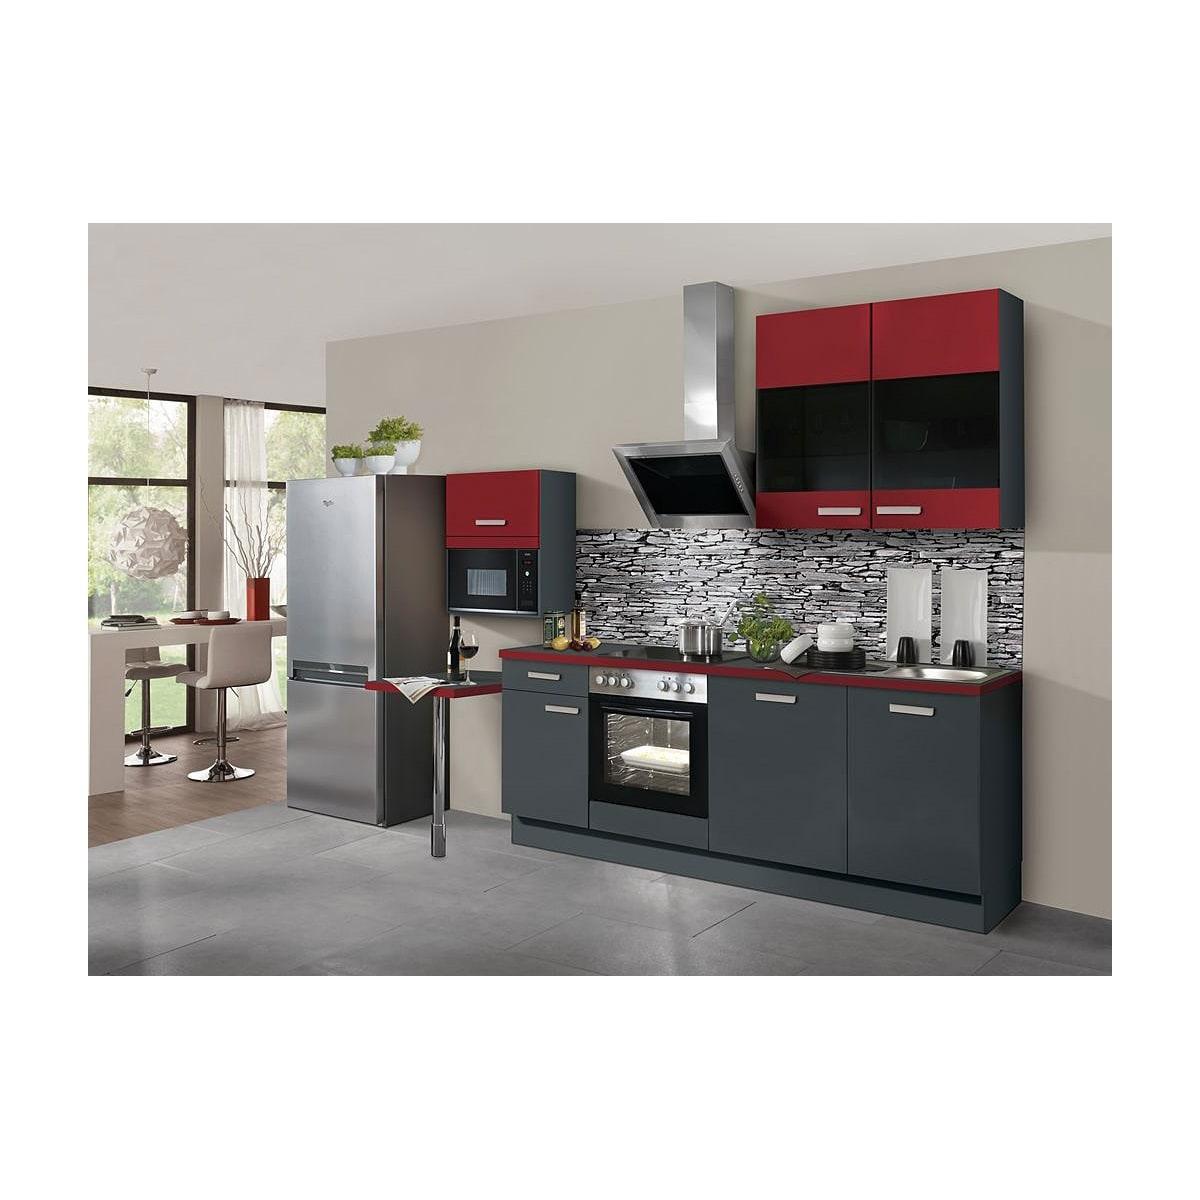 FAKTA Küchenzeile Burgundrot/Grafit matt ca. 20 cm